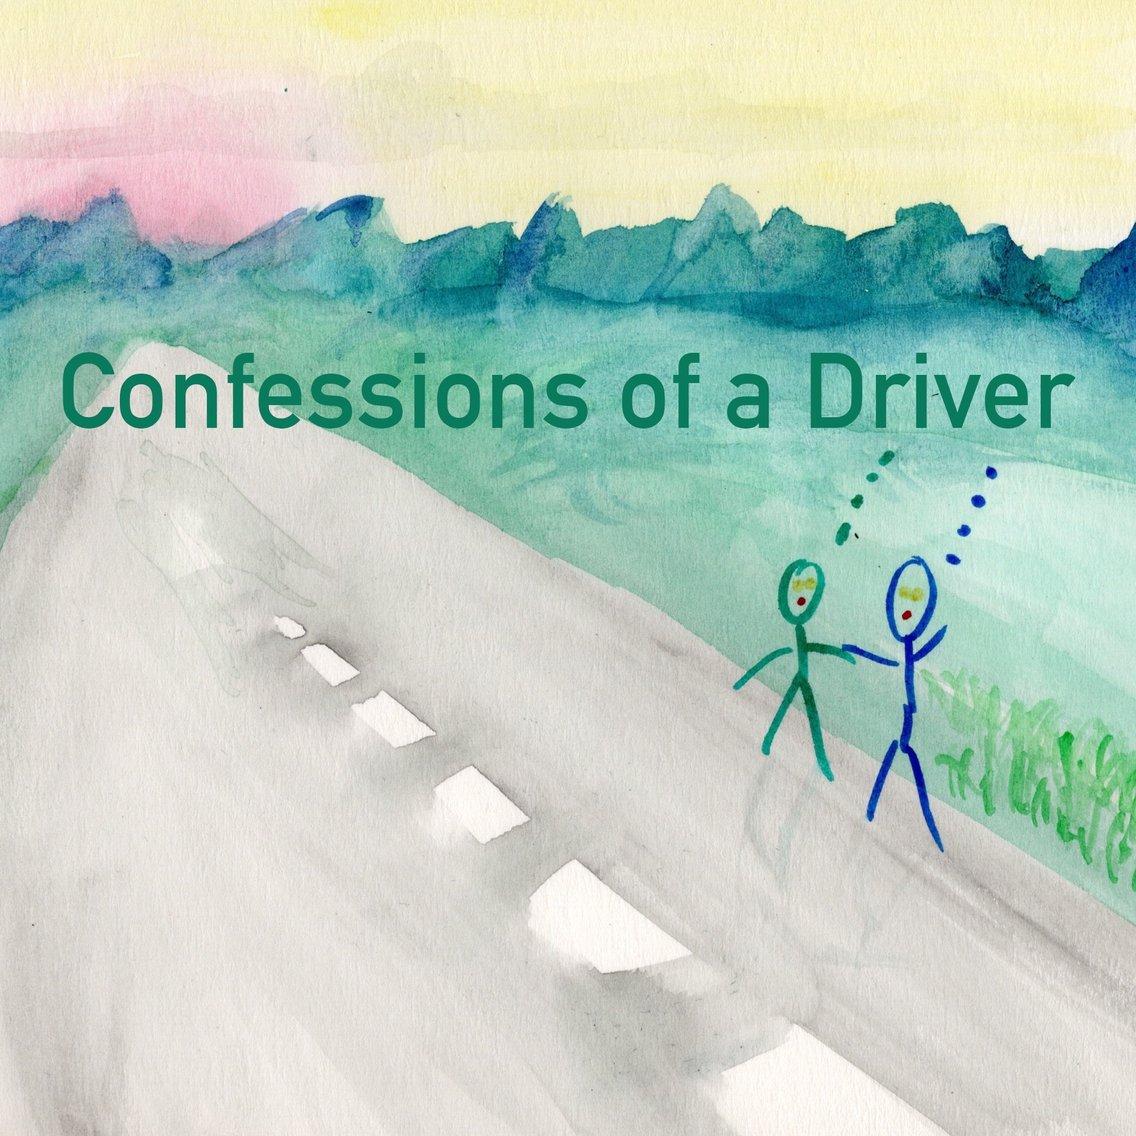 Confessions of a... - imagen de portada